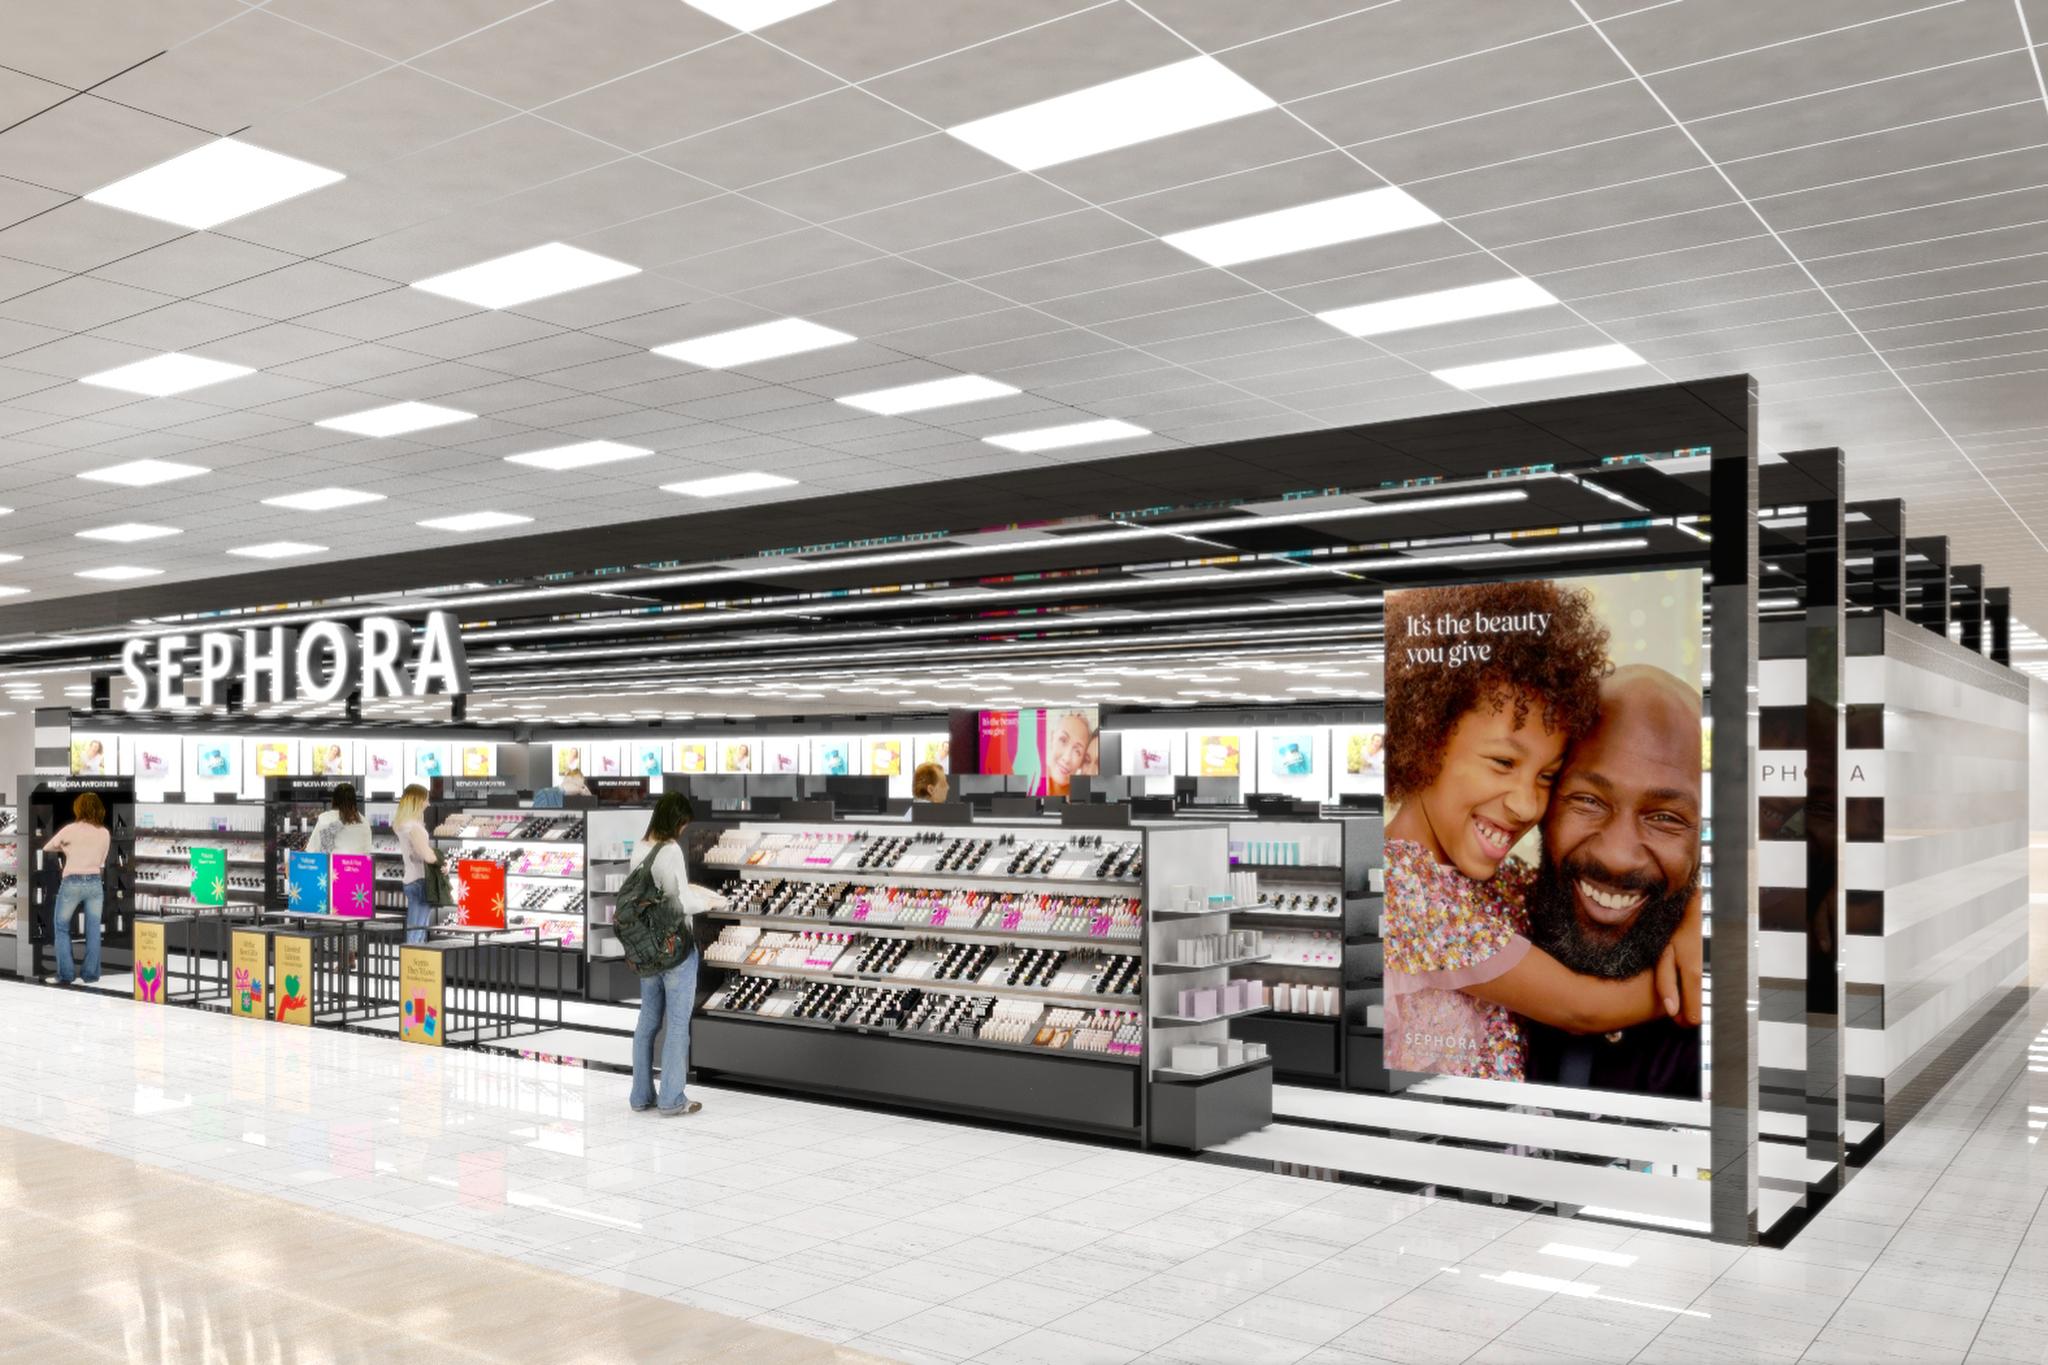 Sephora at Kohls